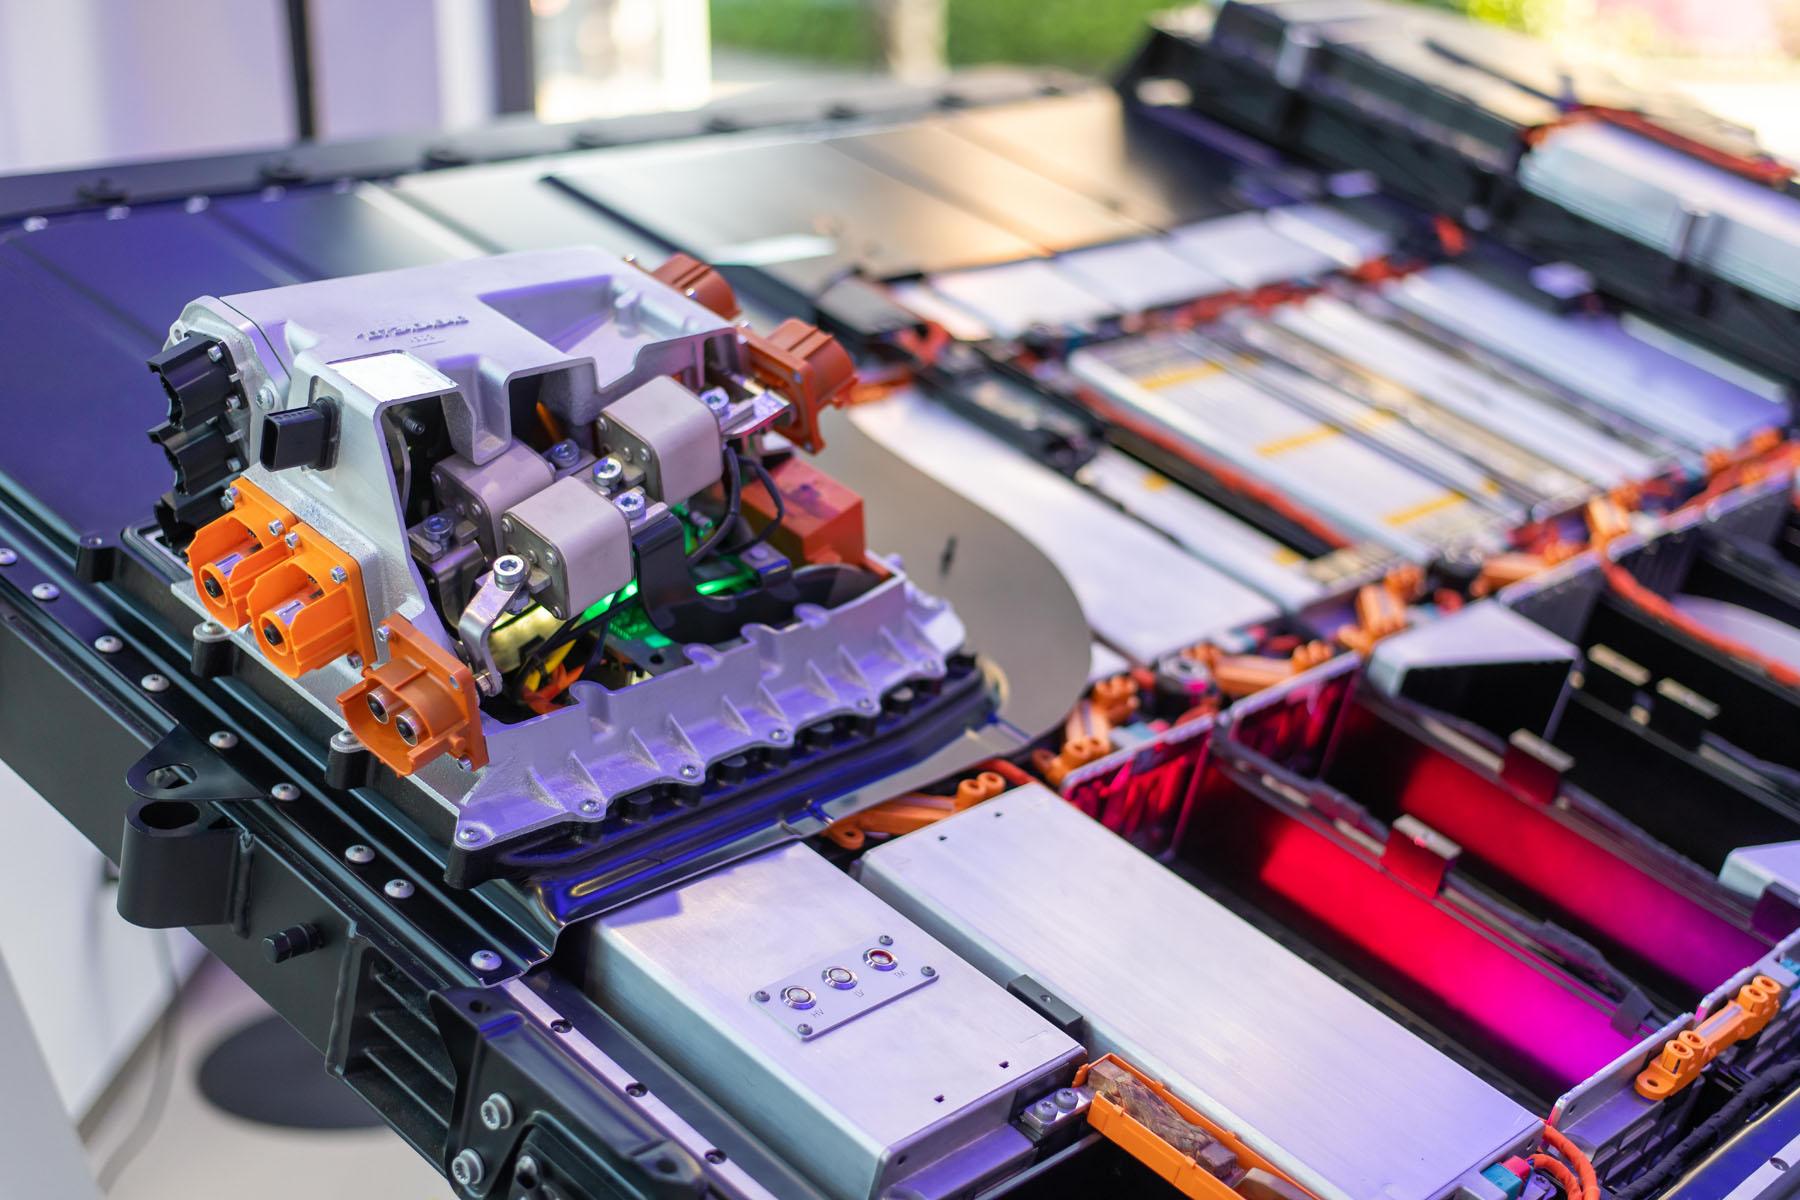 Il concentrato di potenza: all'Utoquai è stata rilasciata anche una batteria dall'Audi e-tron. (Tom Lüthi)